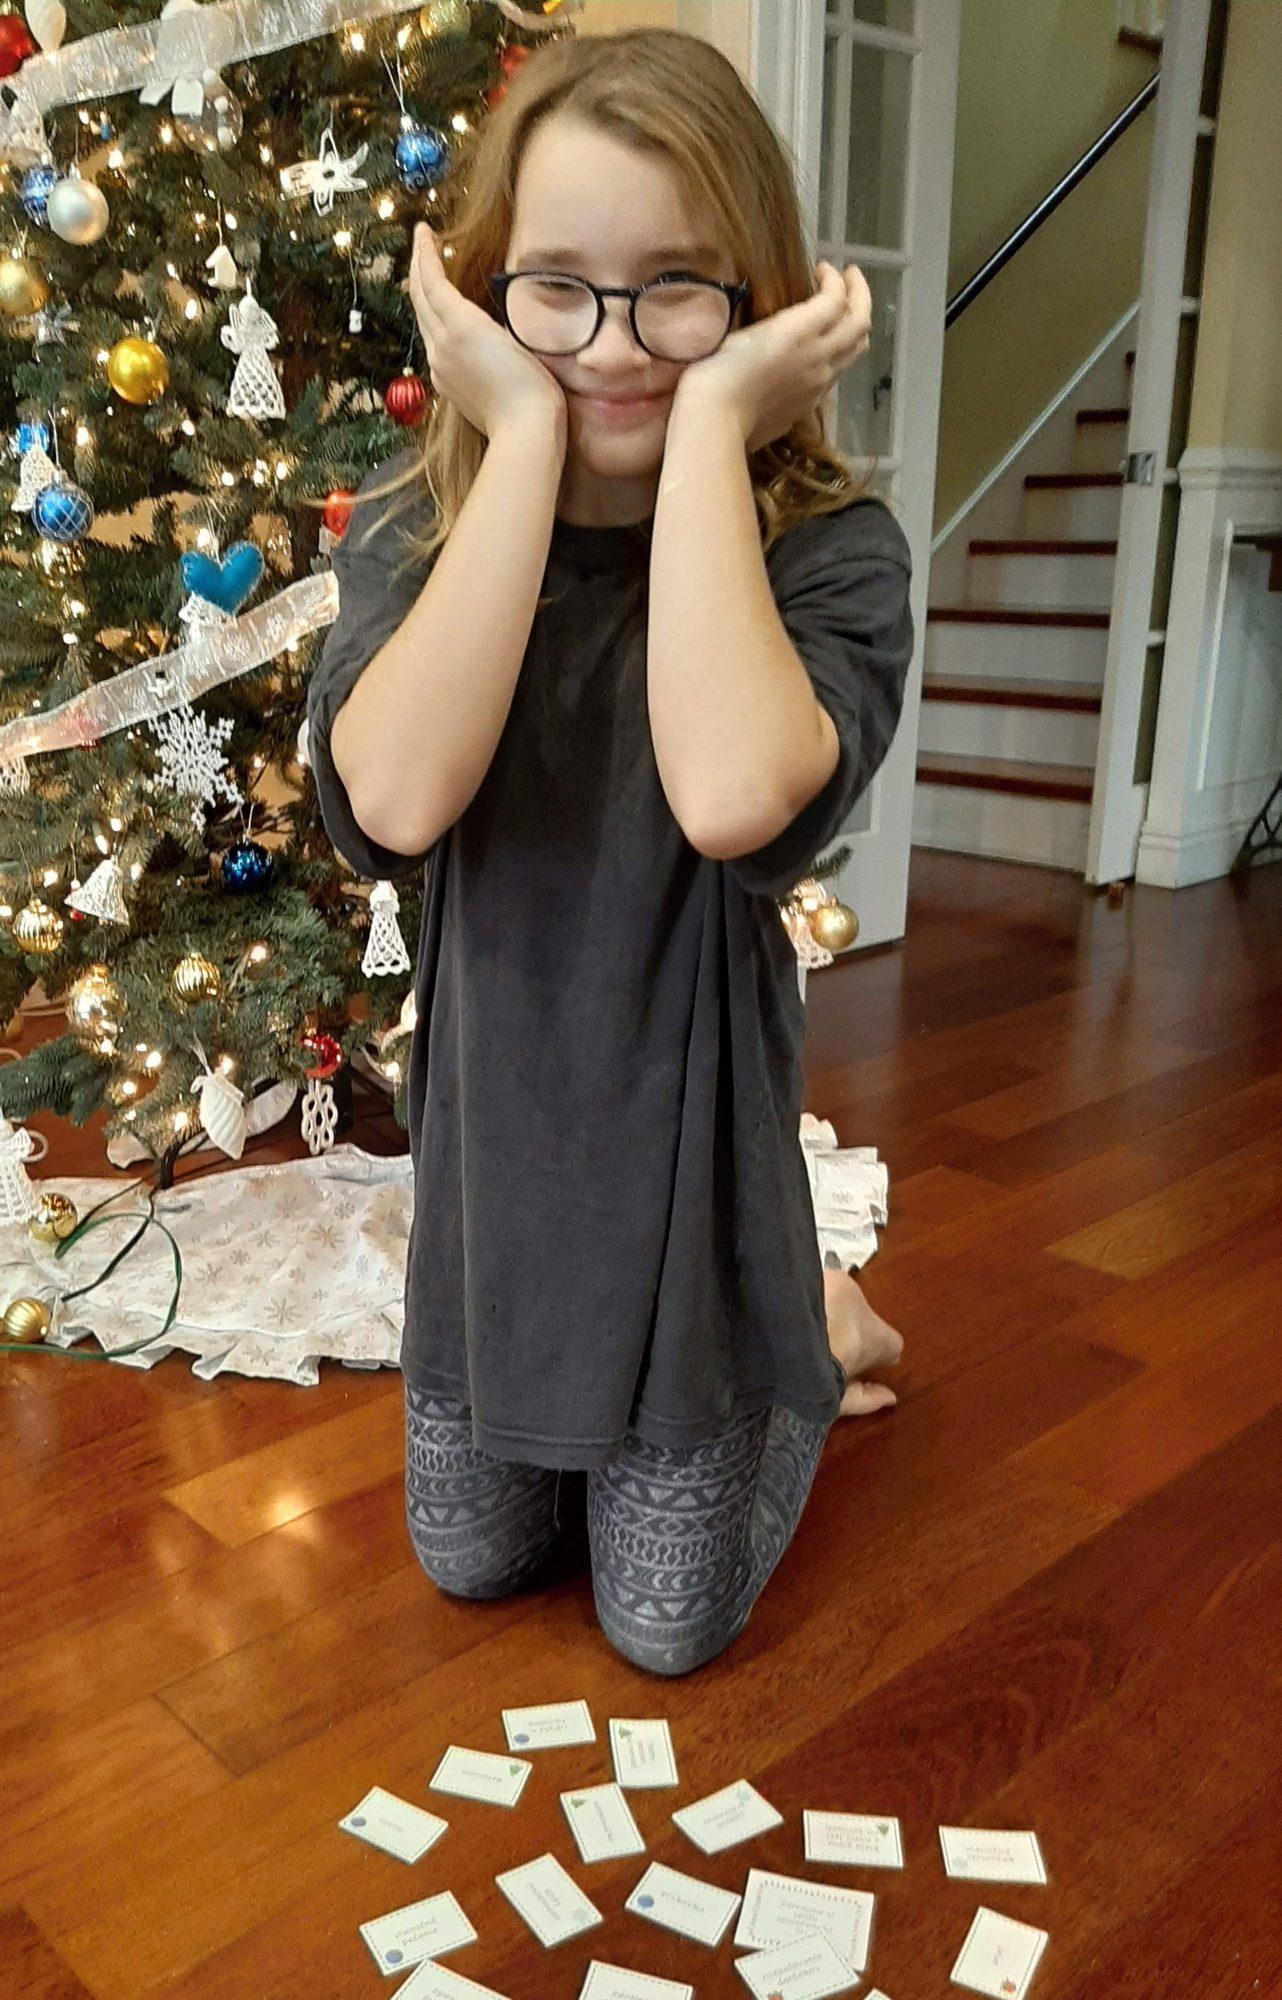 vianočná hra, vianočné šarády